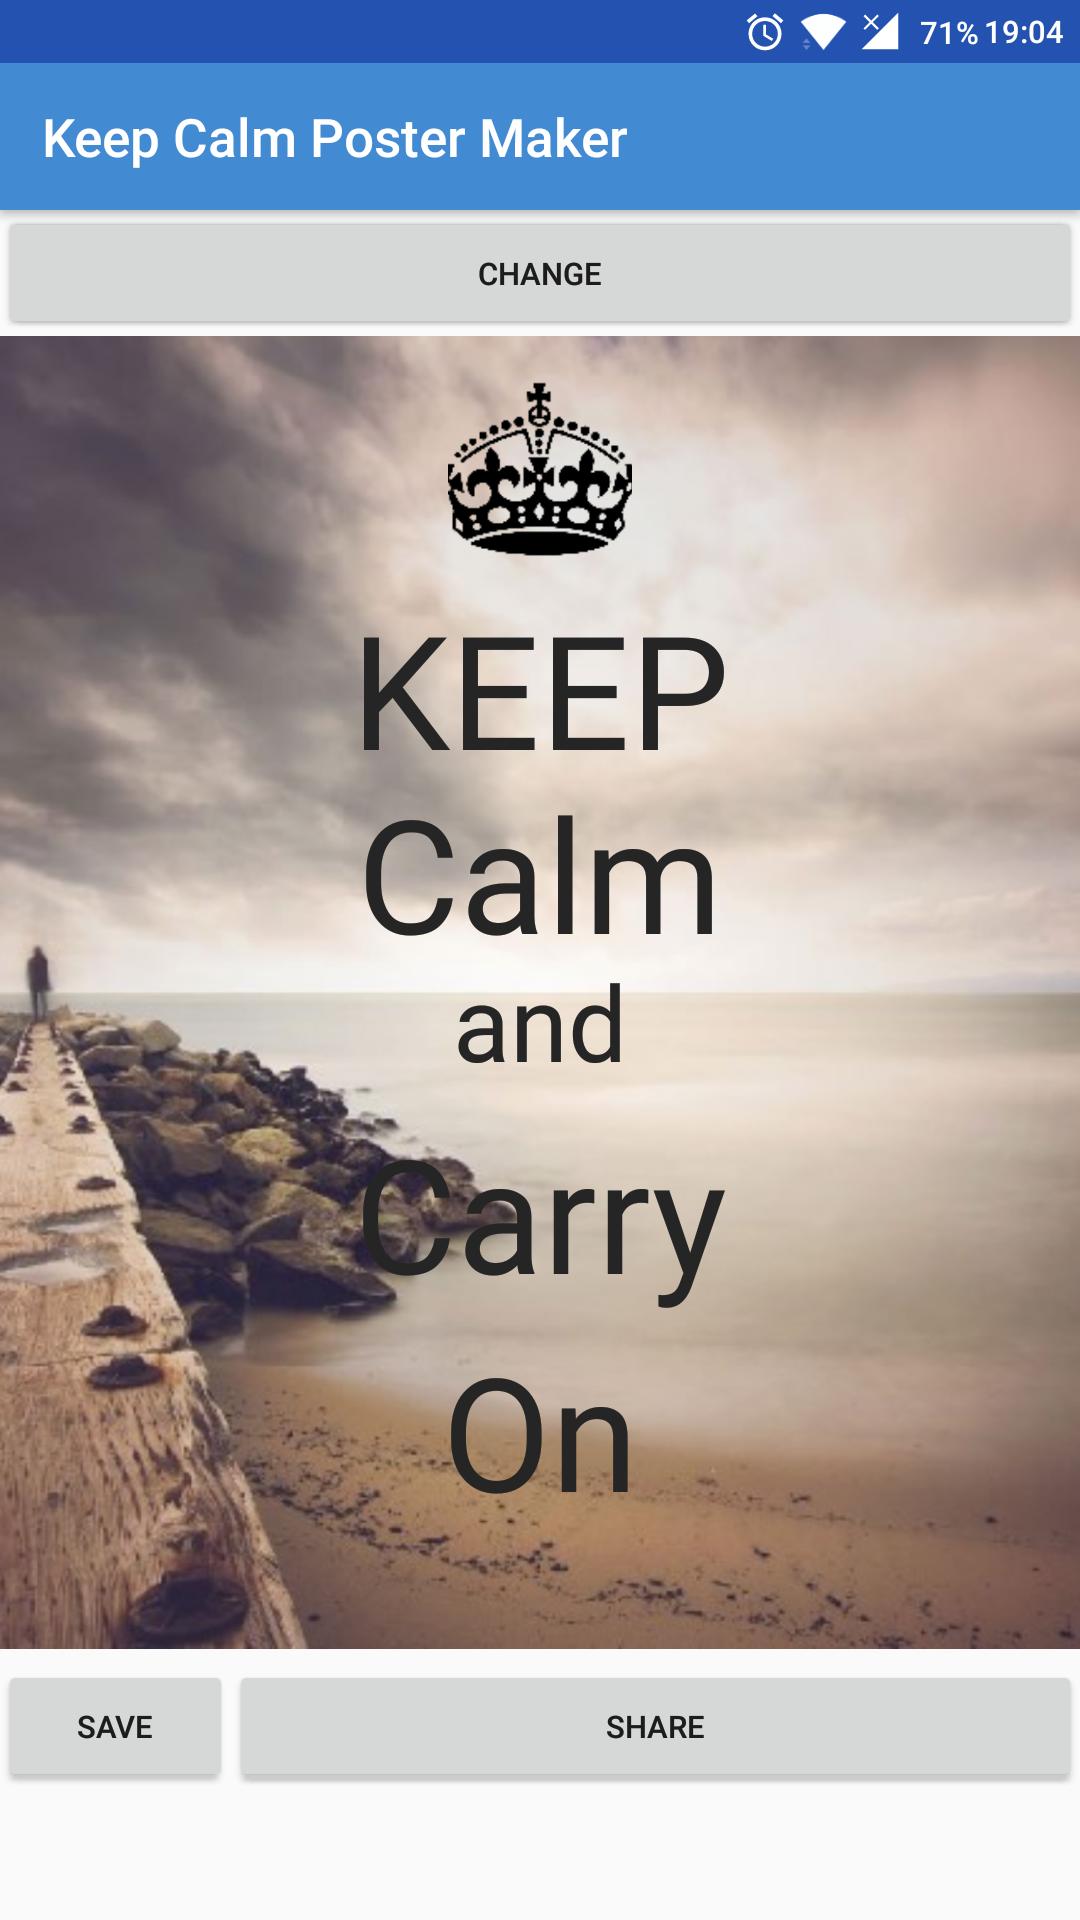 Rar Descargar Keep Calm Poster Maker: Amazon co uk: Appstore